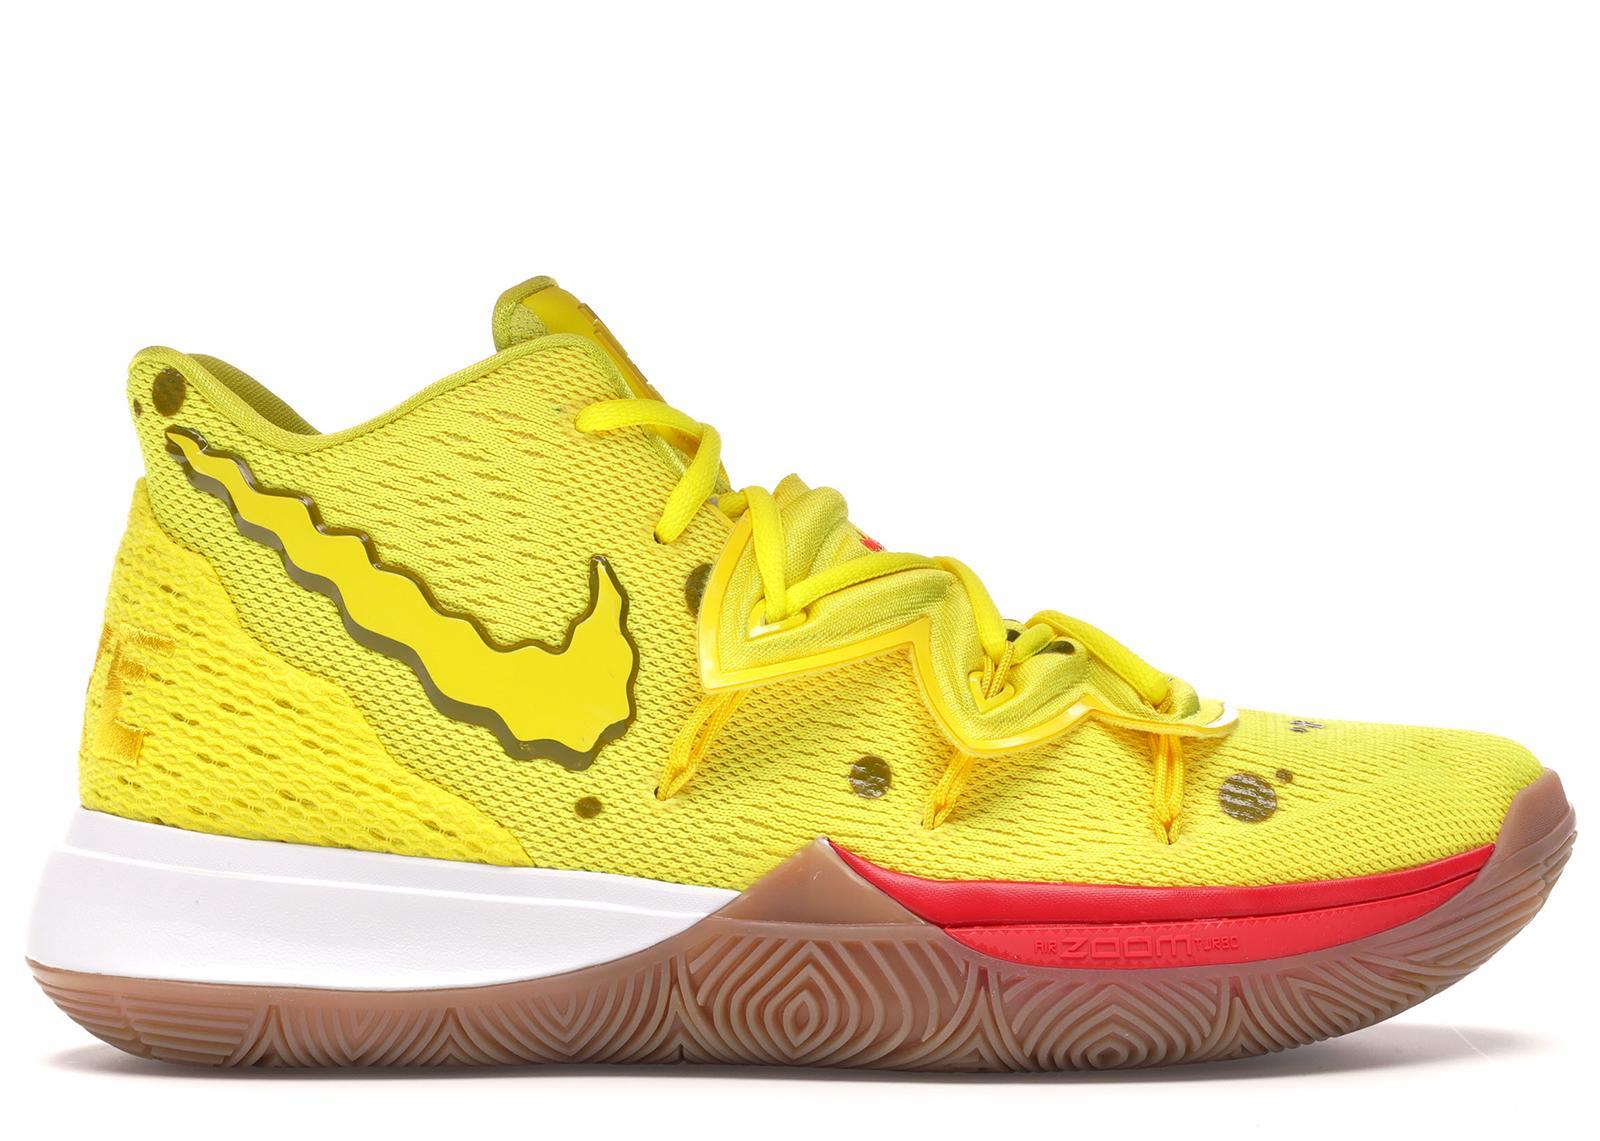 Nike Kyrie 5 Spongebob Squarepants in